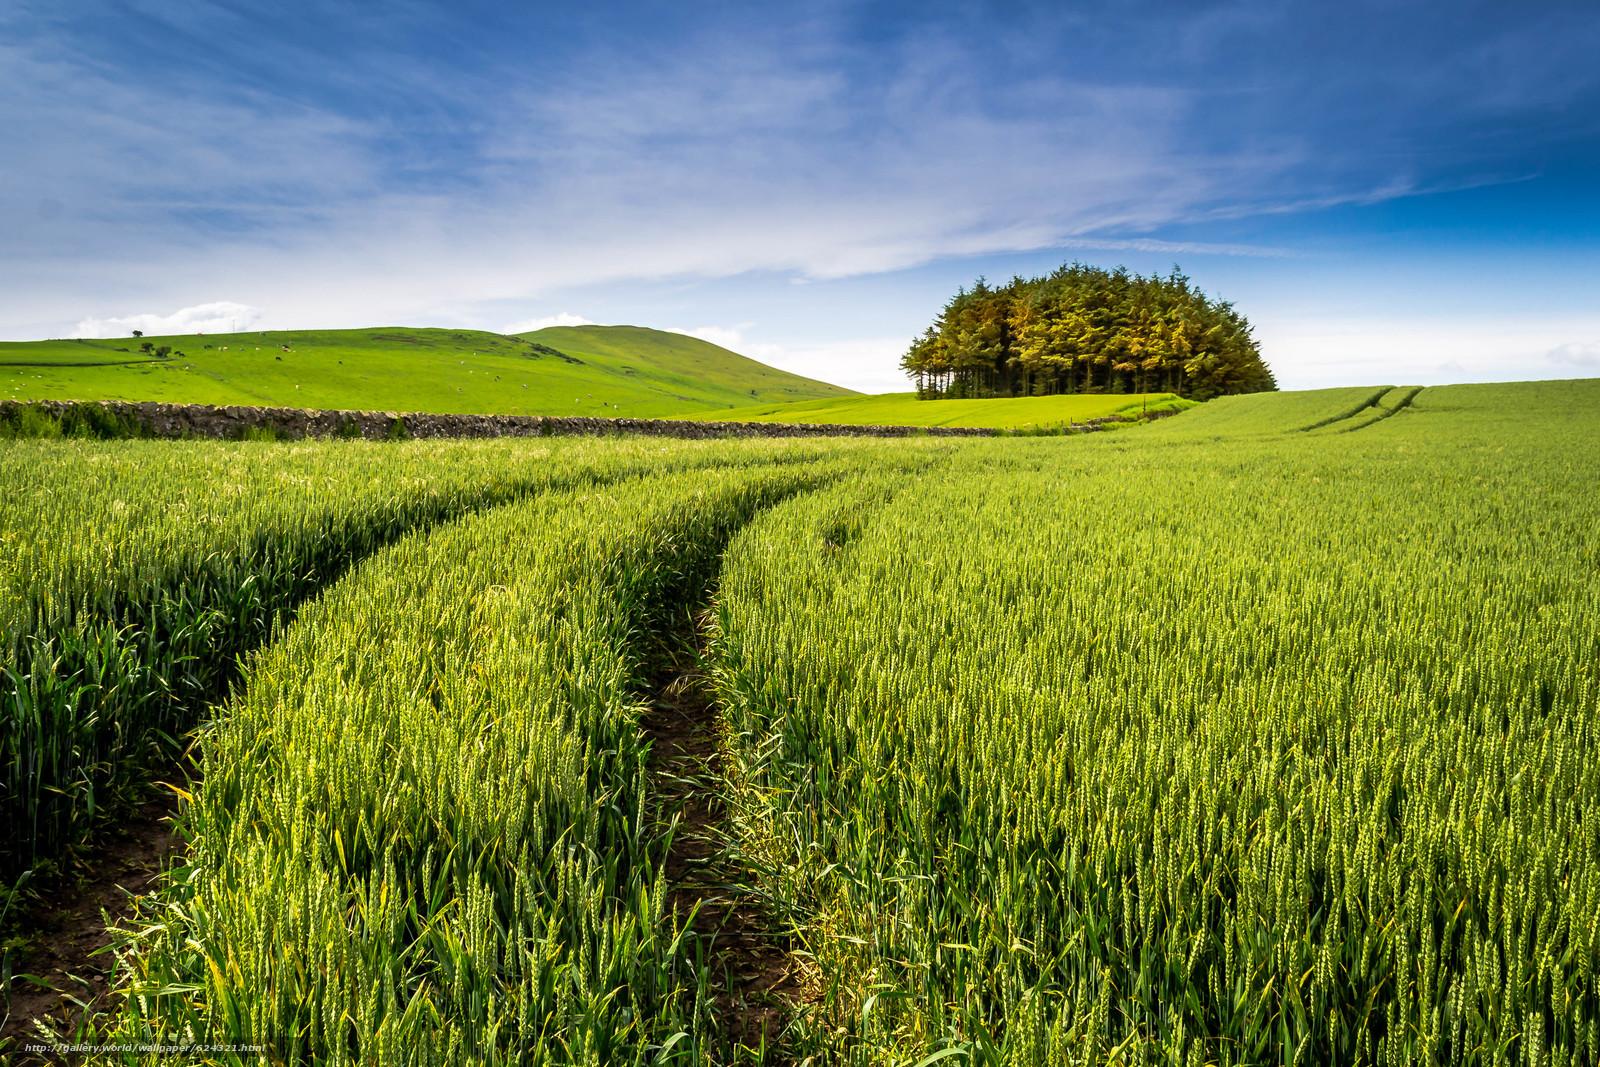 Download wallpaper field,  ears of corn,  trees,  landscape free desktop wallpaper in the resolution 4122x2748 — picture №624321